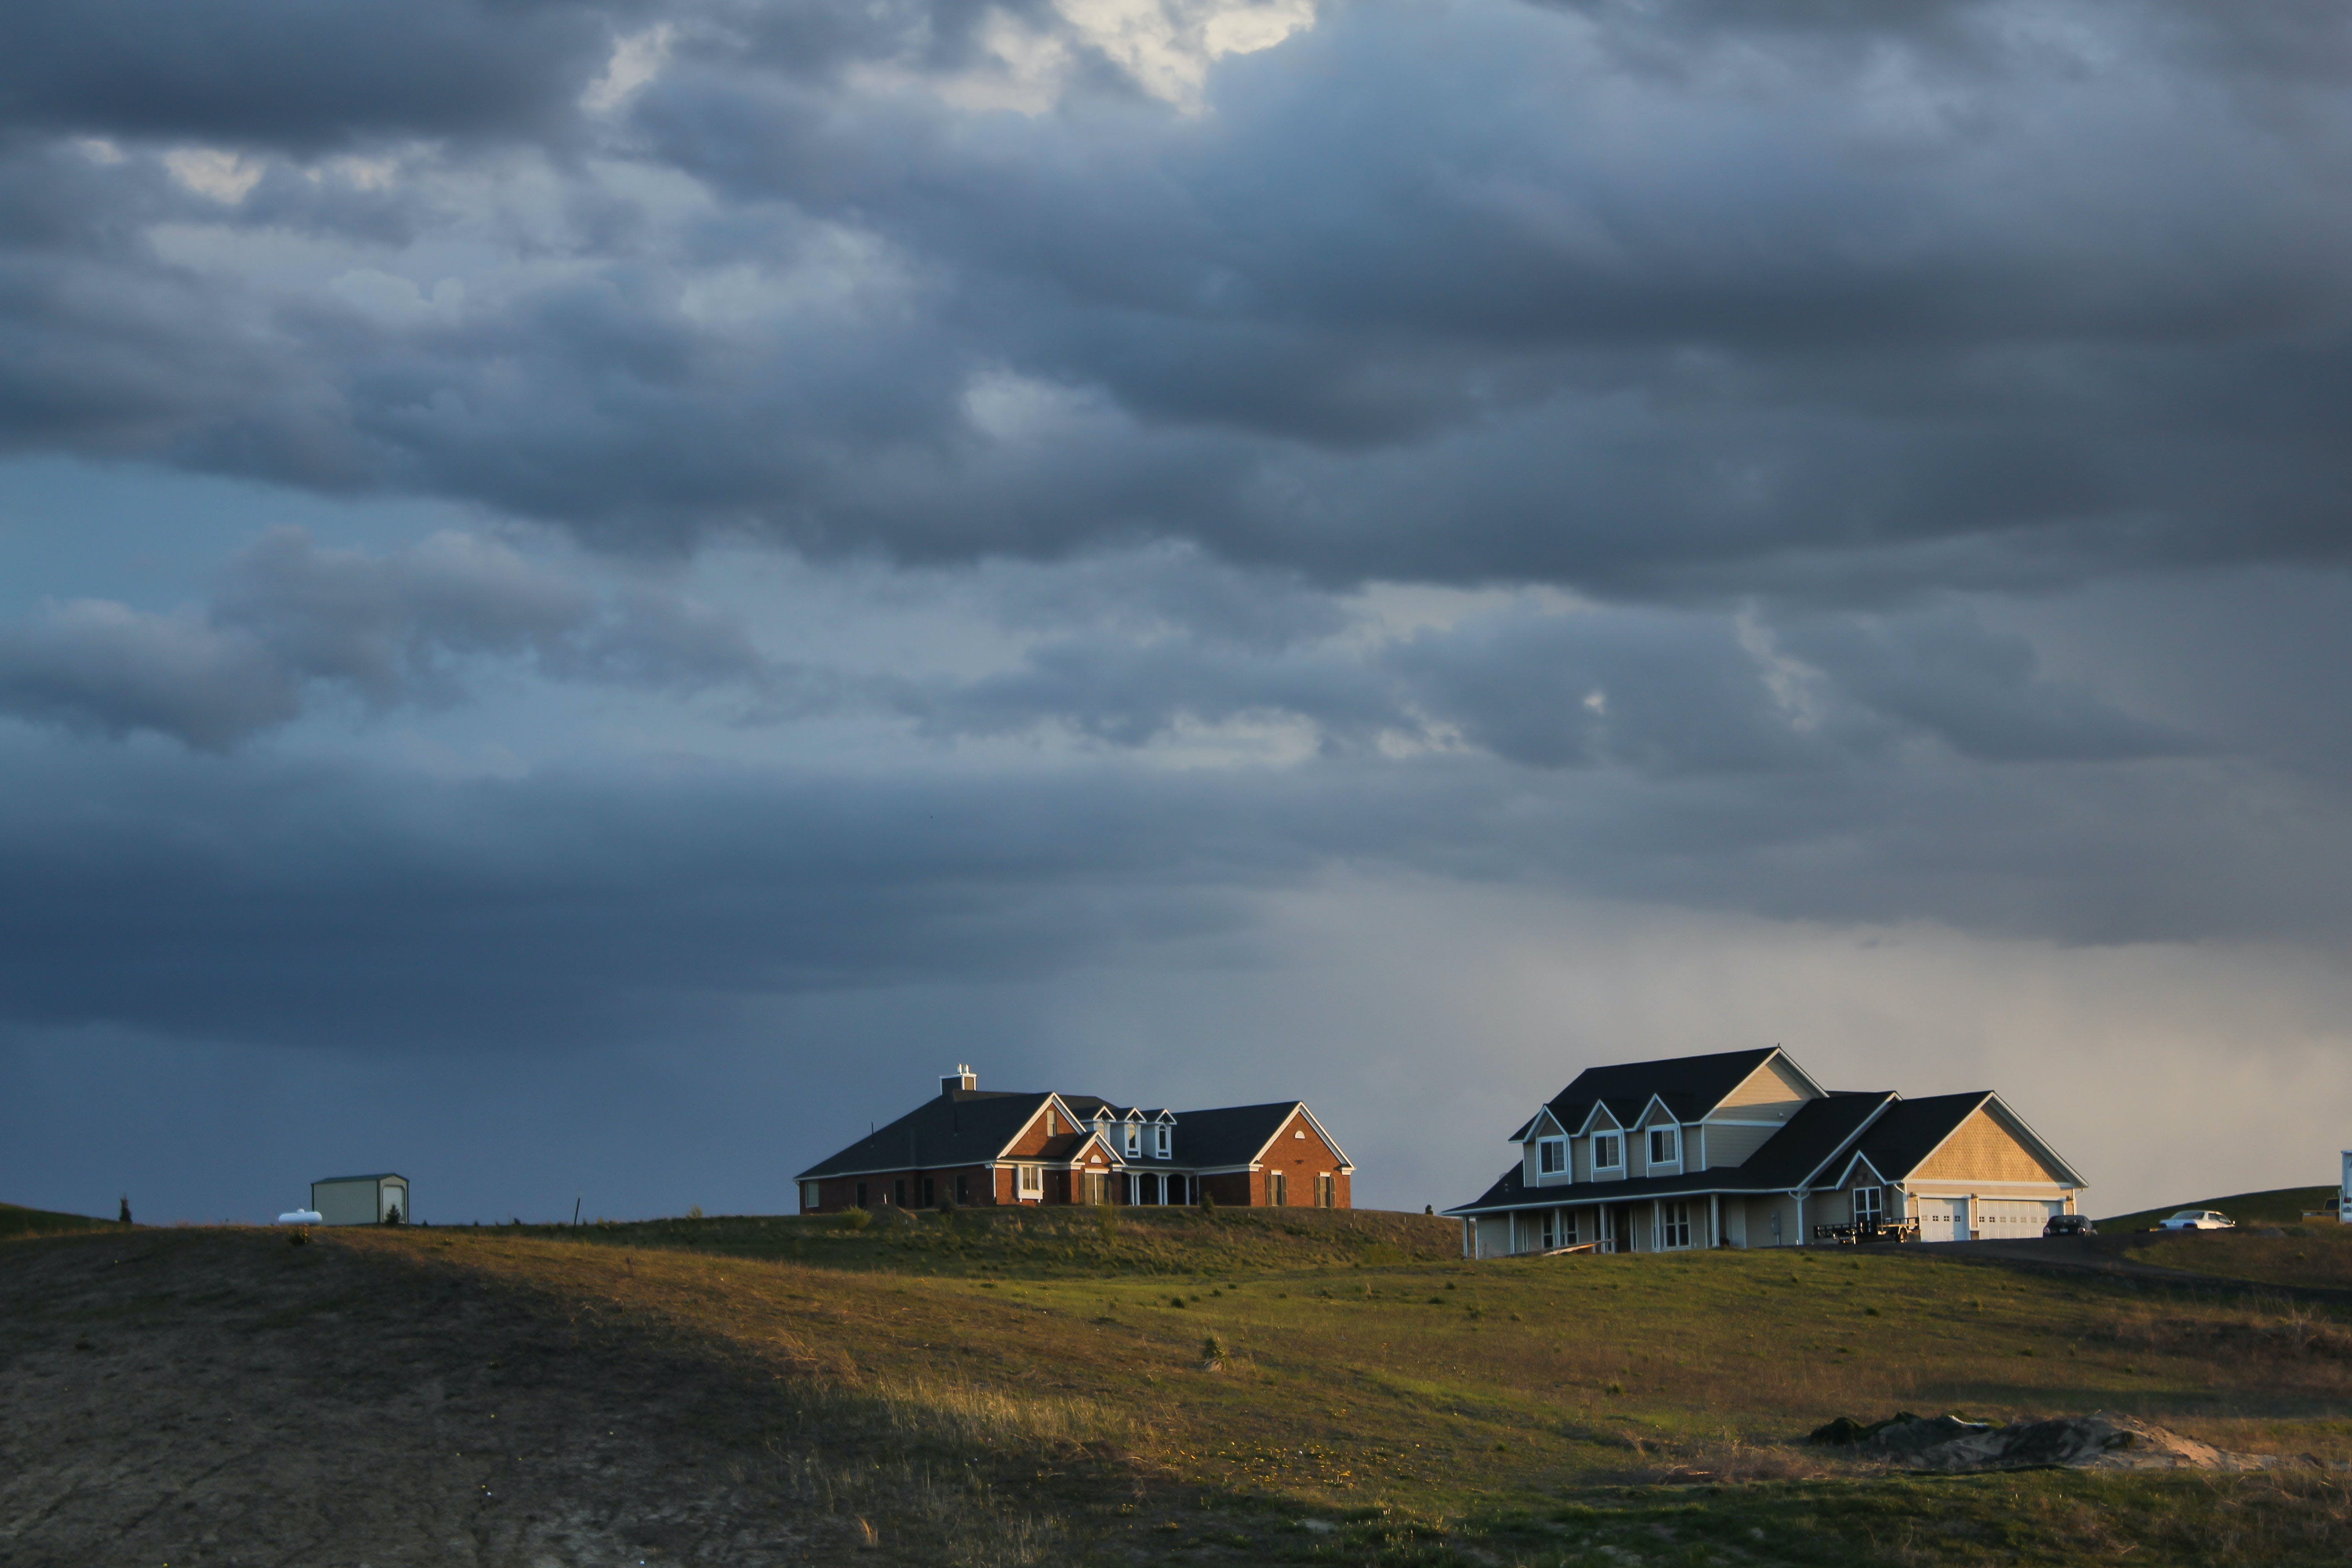 Безкоштовне стокове фото на тему «Будинки, Буря, Денне світло, Захід сонця»